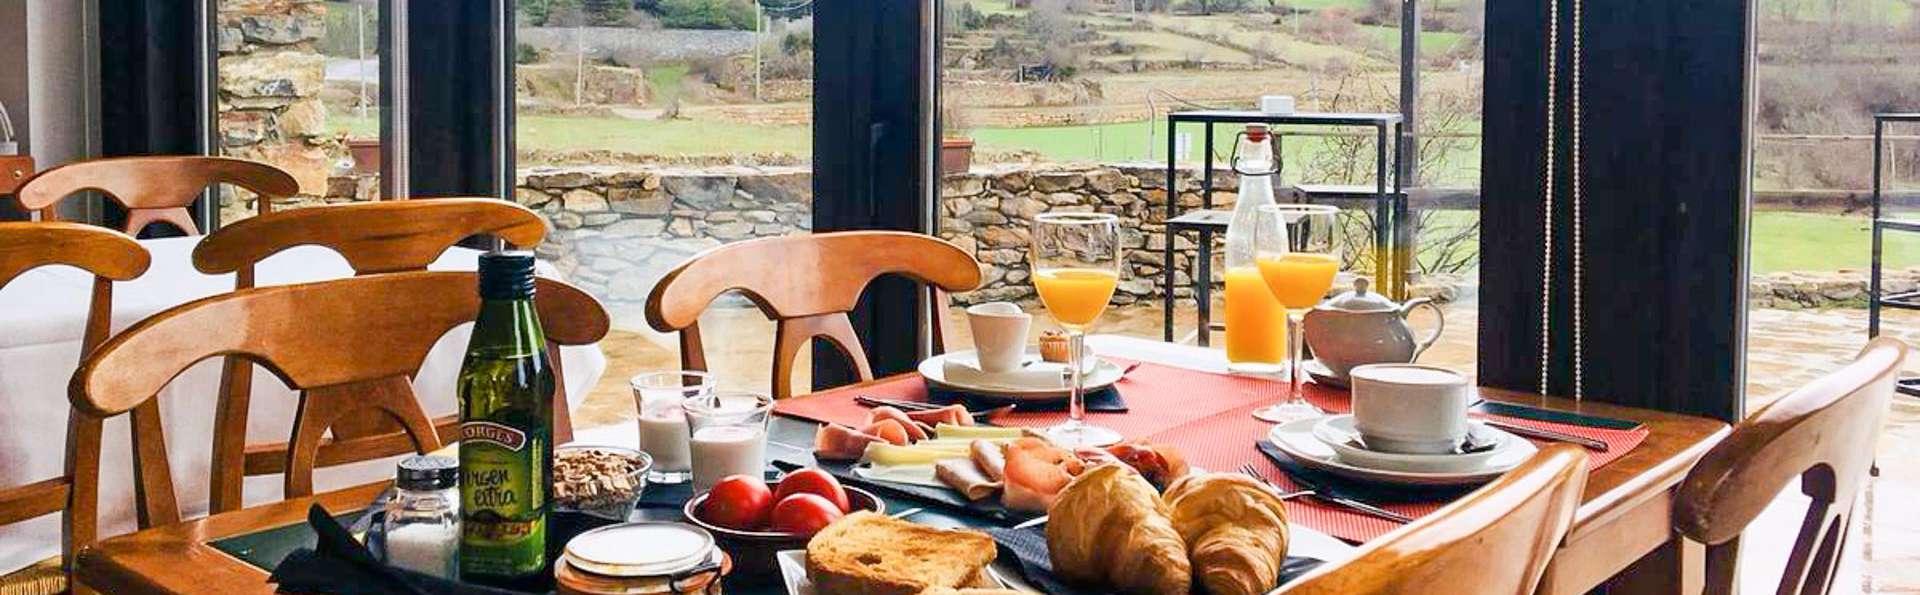 Respirez l'air pur de la montagne immergé dans une réserve naturelle à Lleida